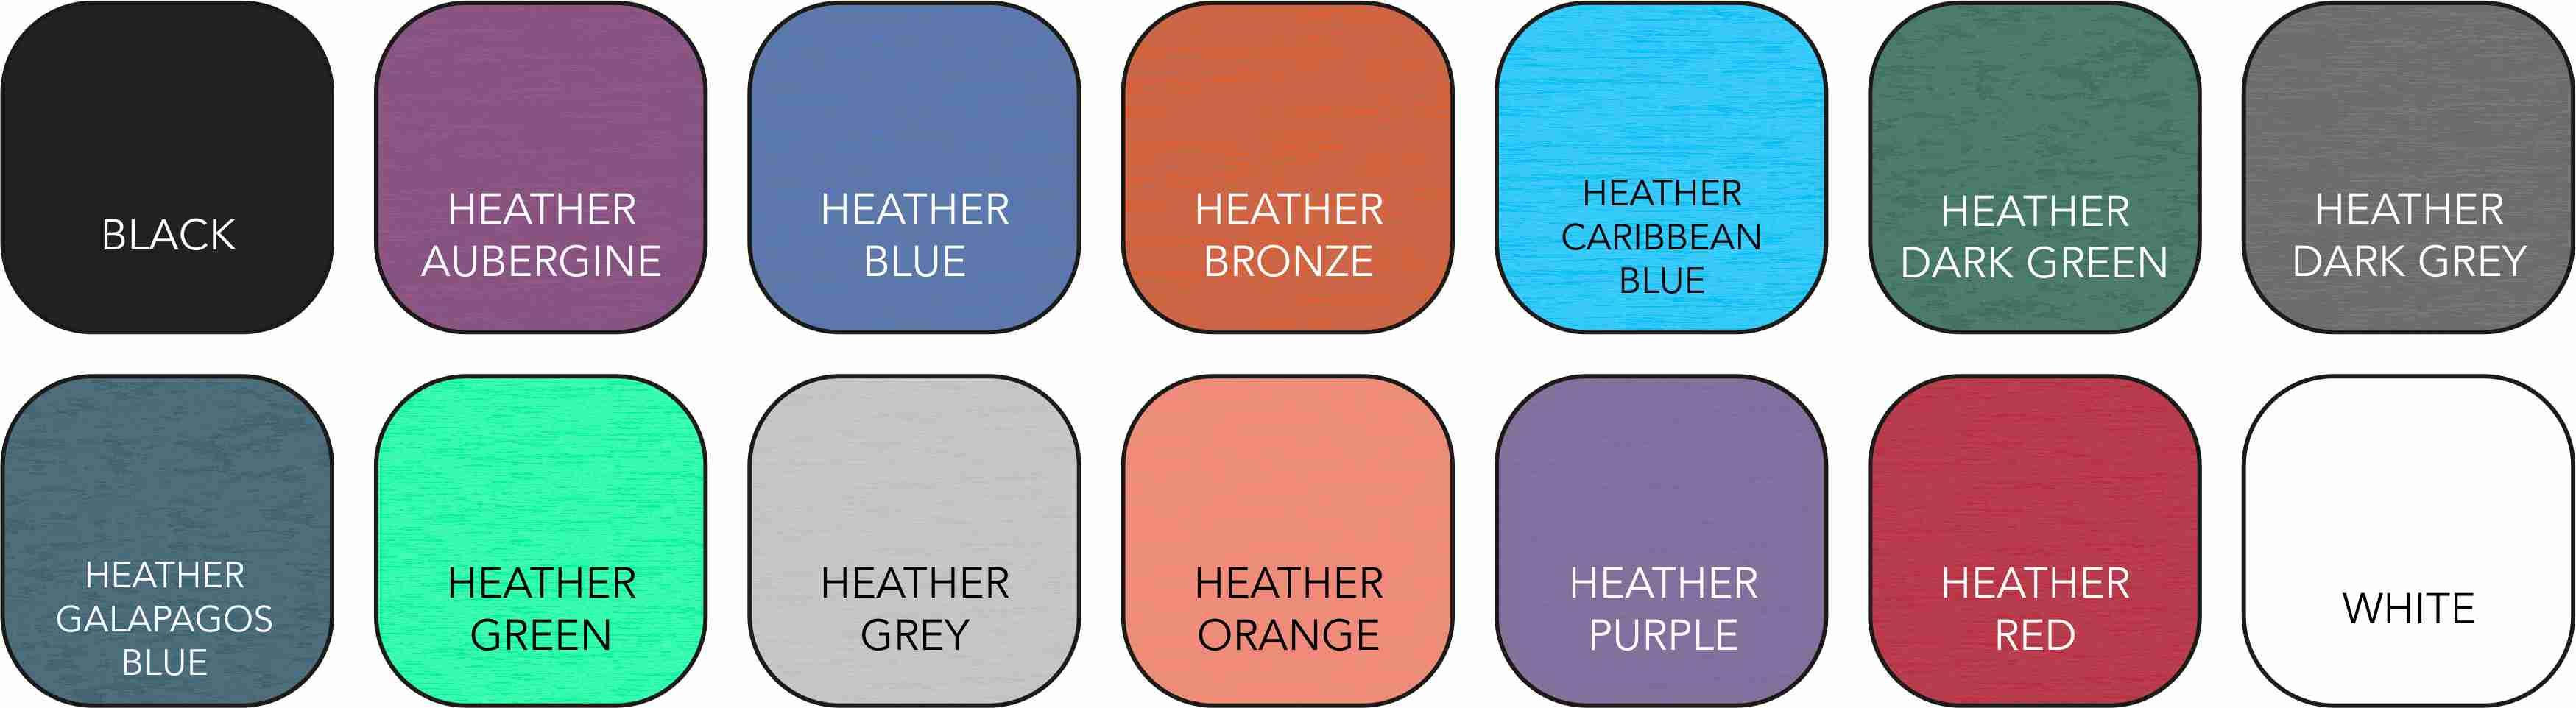 AV112 Unisex Colour Range